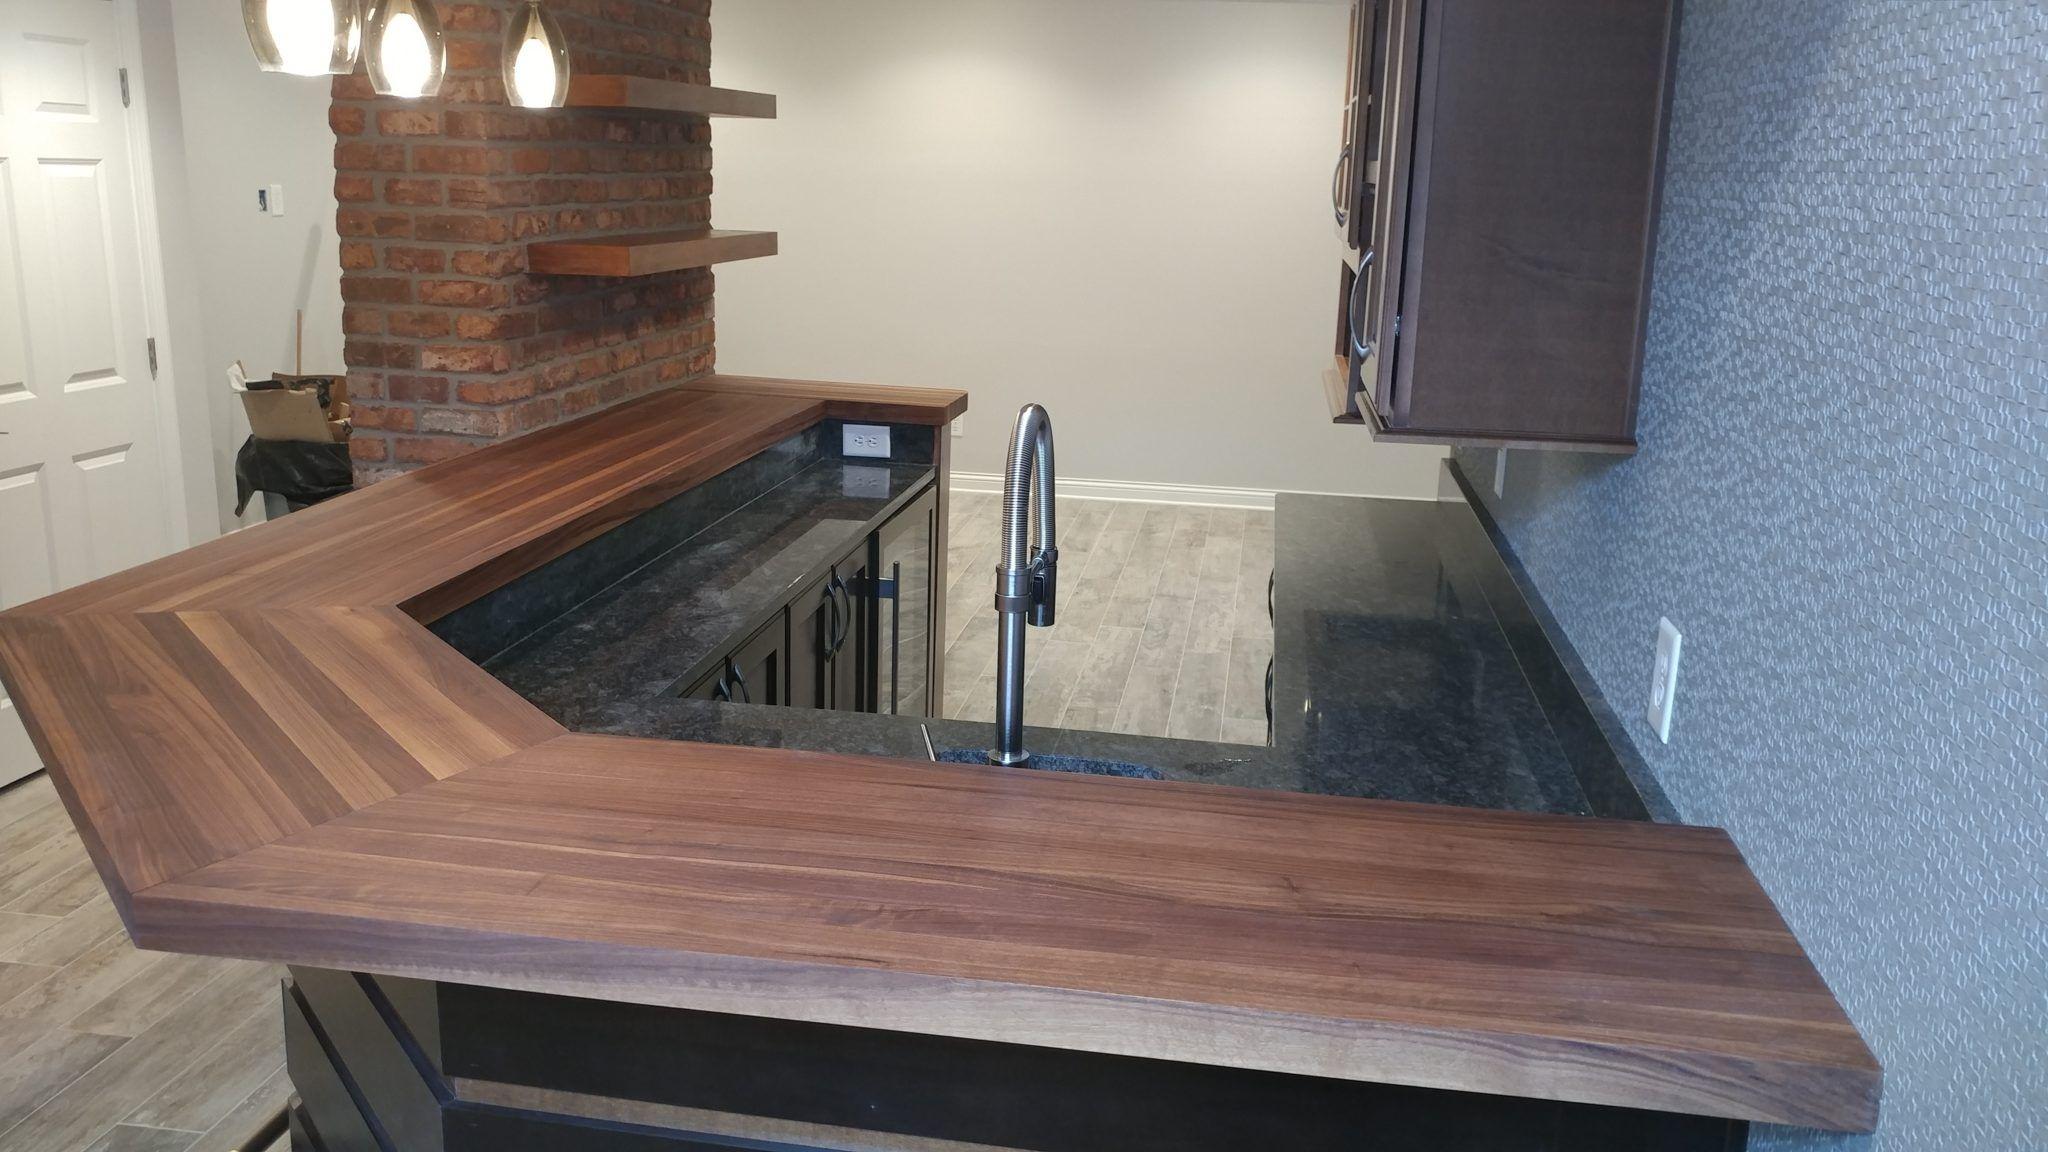 Gallery Walnut Wood Butcher Block Countertops Kitchen Remodel